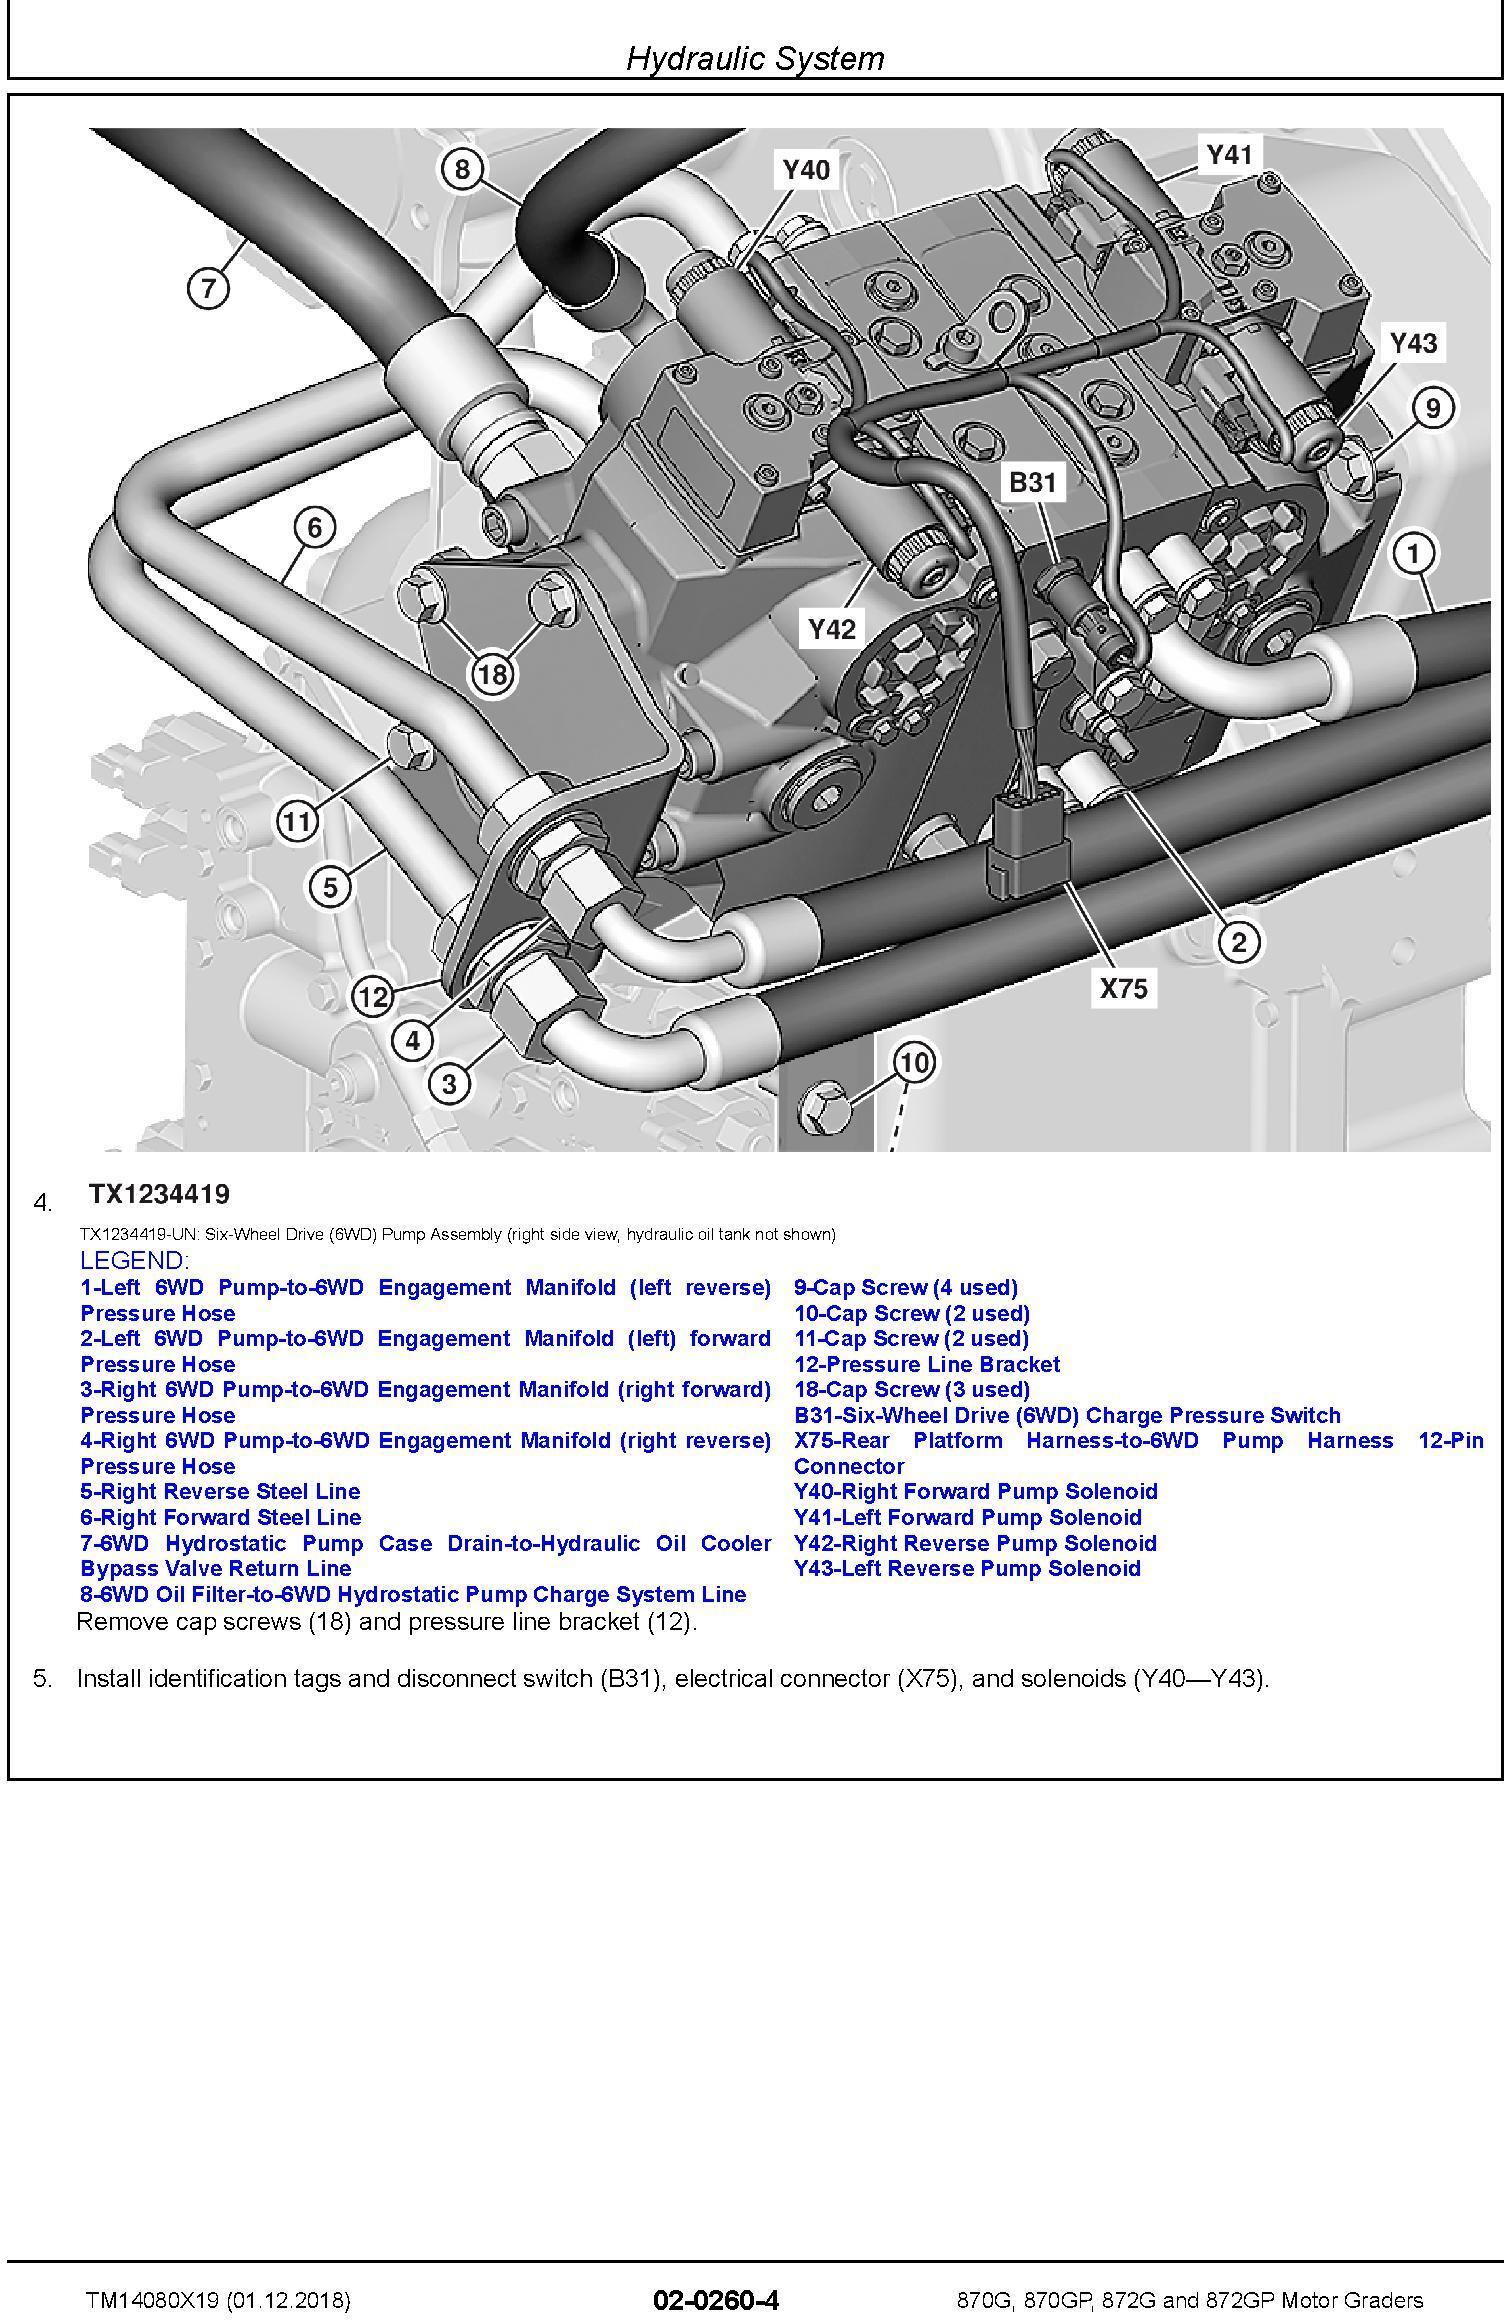 John Deere 870G, 870GP, 872G, 872GP (SN. C678818-680877) Motor Graders Repair Manual (TM14080X19) - 3